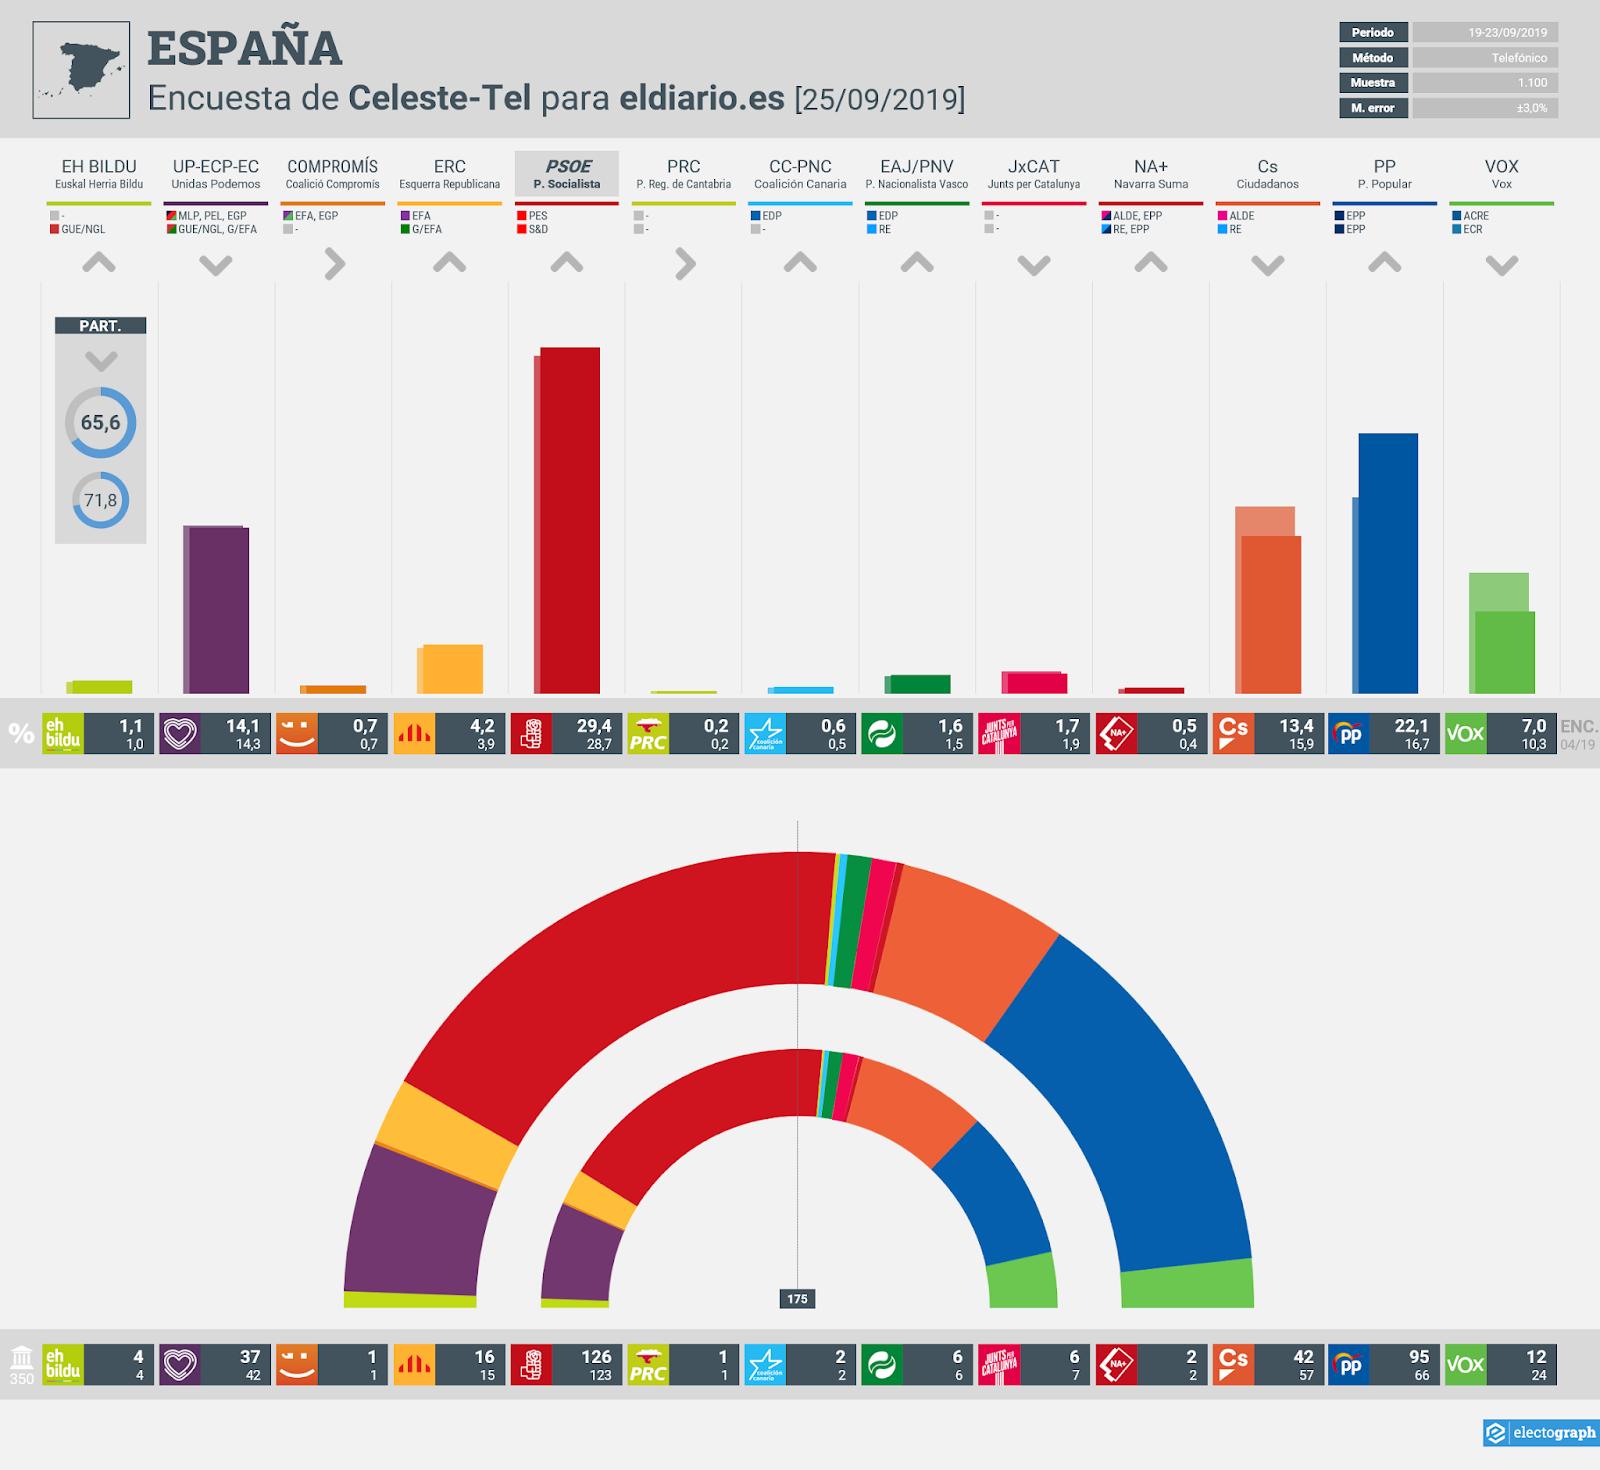 Gráfico de la encuesta para elecciones generales en España realizada por Celeste-Tel para eldiario.es, 25 de septiembre de 2019